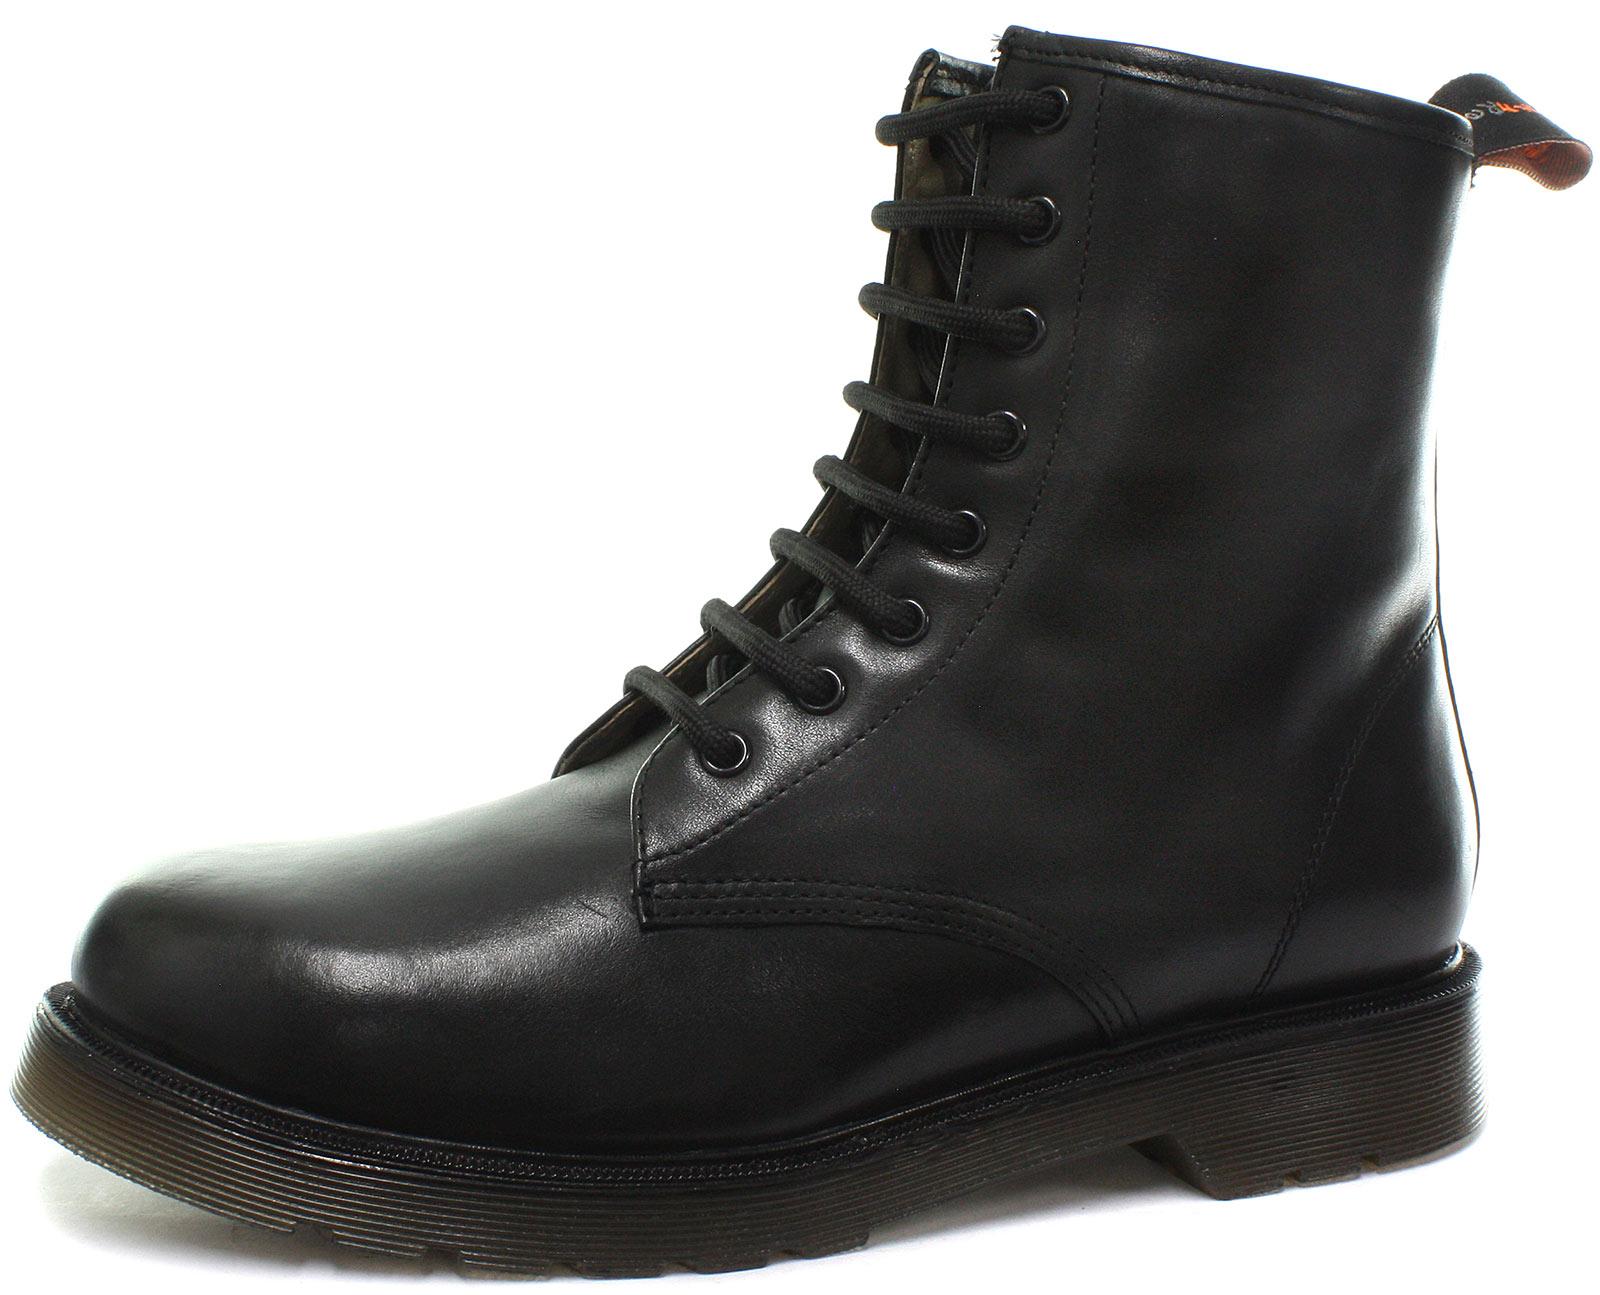 NEU tredflex 8 Öse schwarz Unisex Derby Stiefel alle Größen